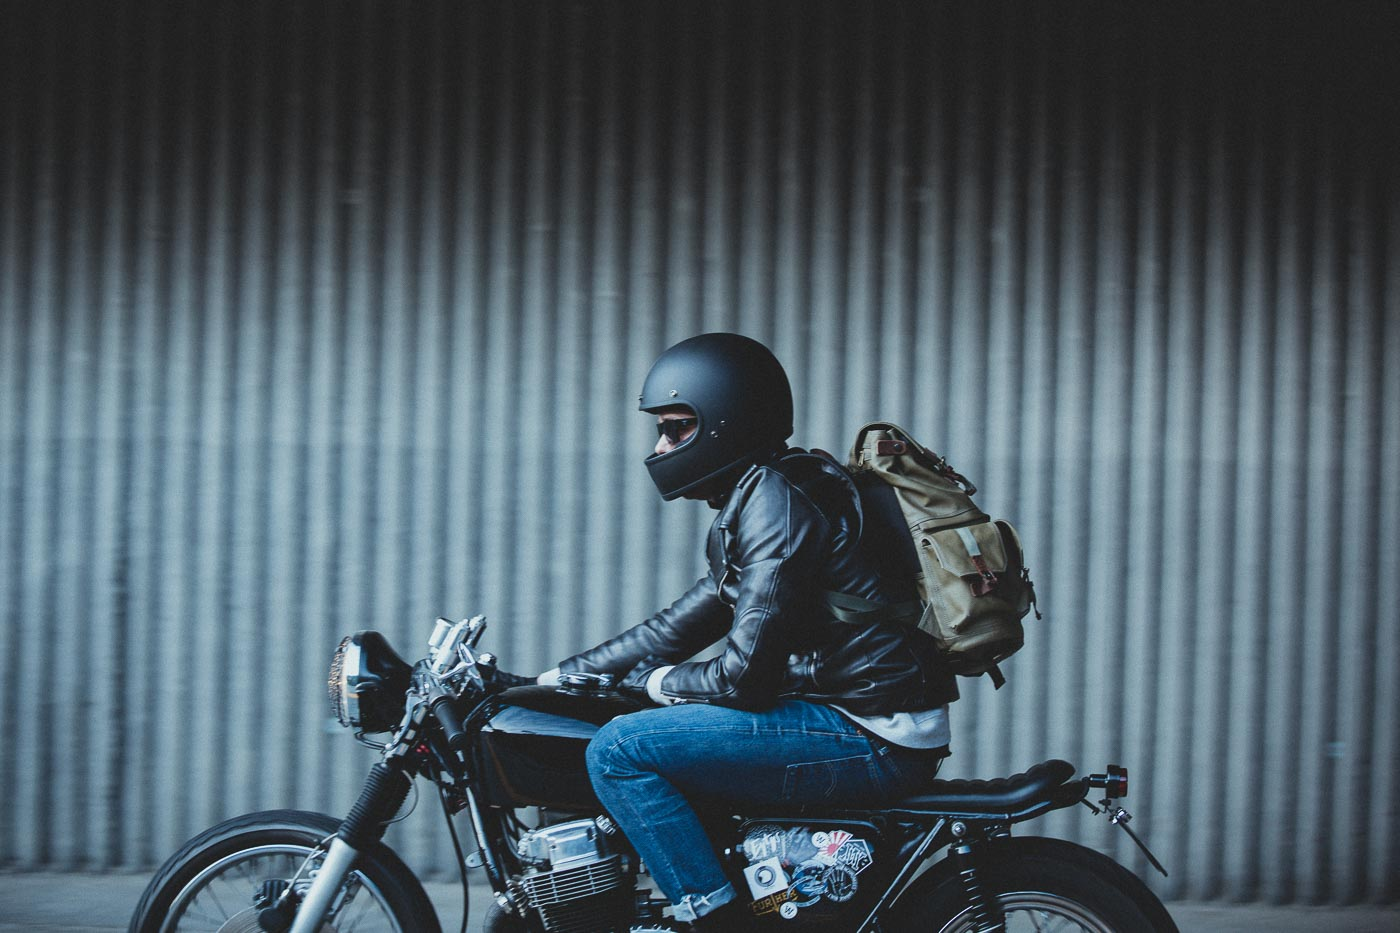 WilkieVintage_Motorcycle_Projects @ Alan Thomas Duncan Wilkie-9.jpg